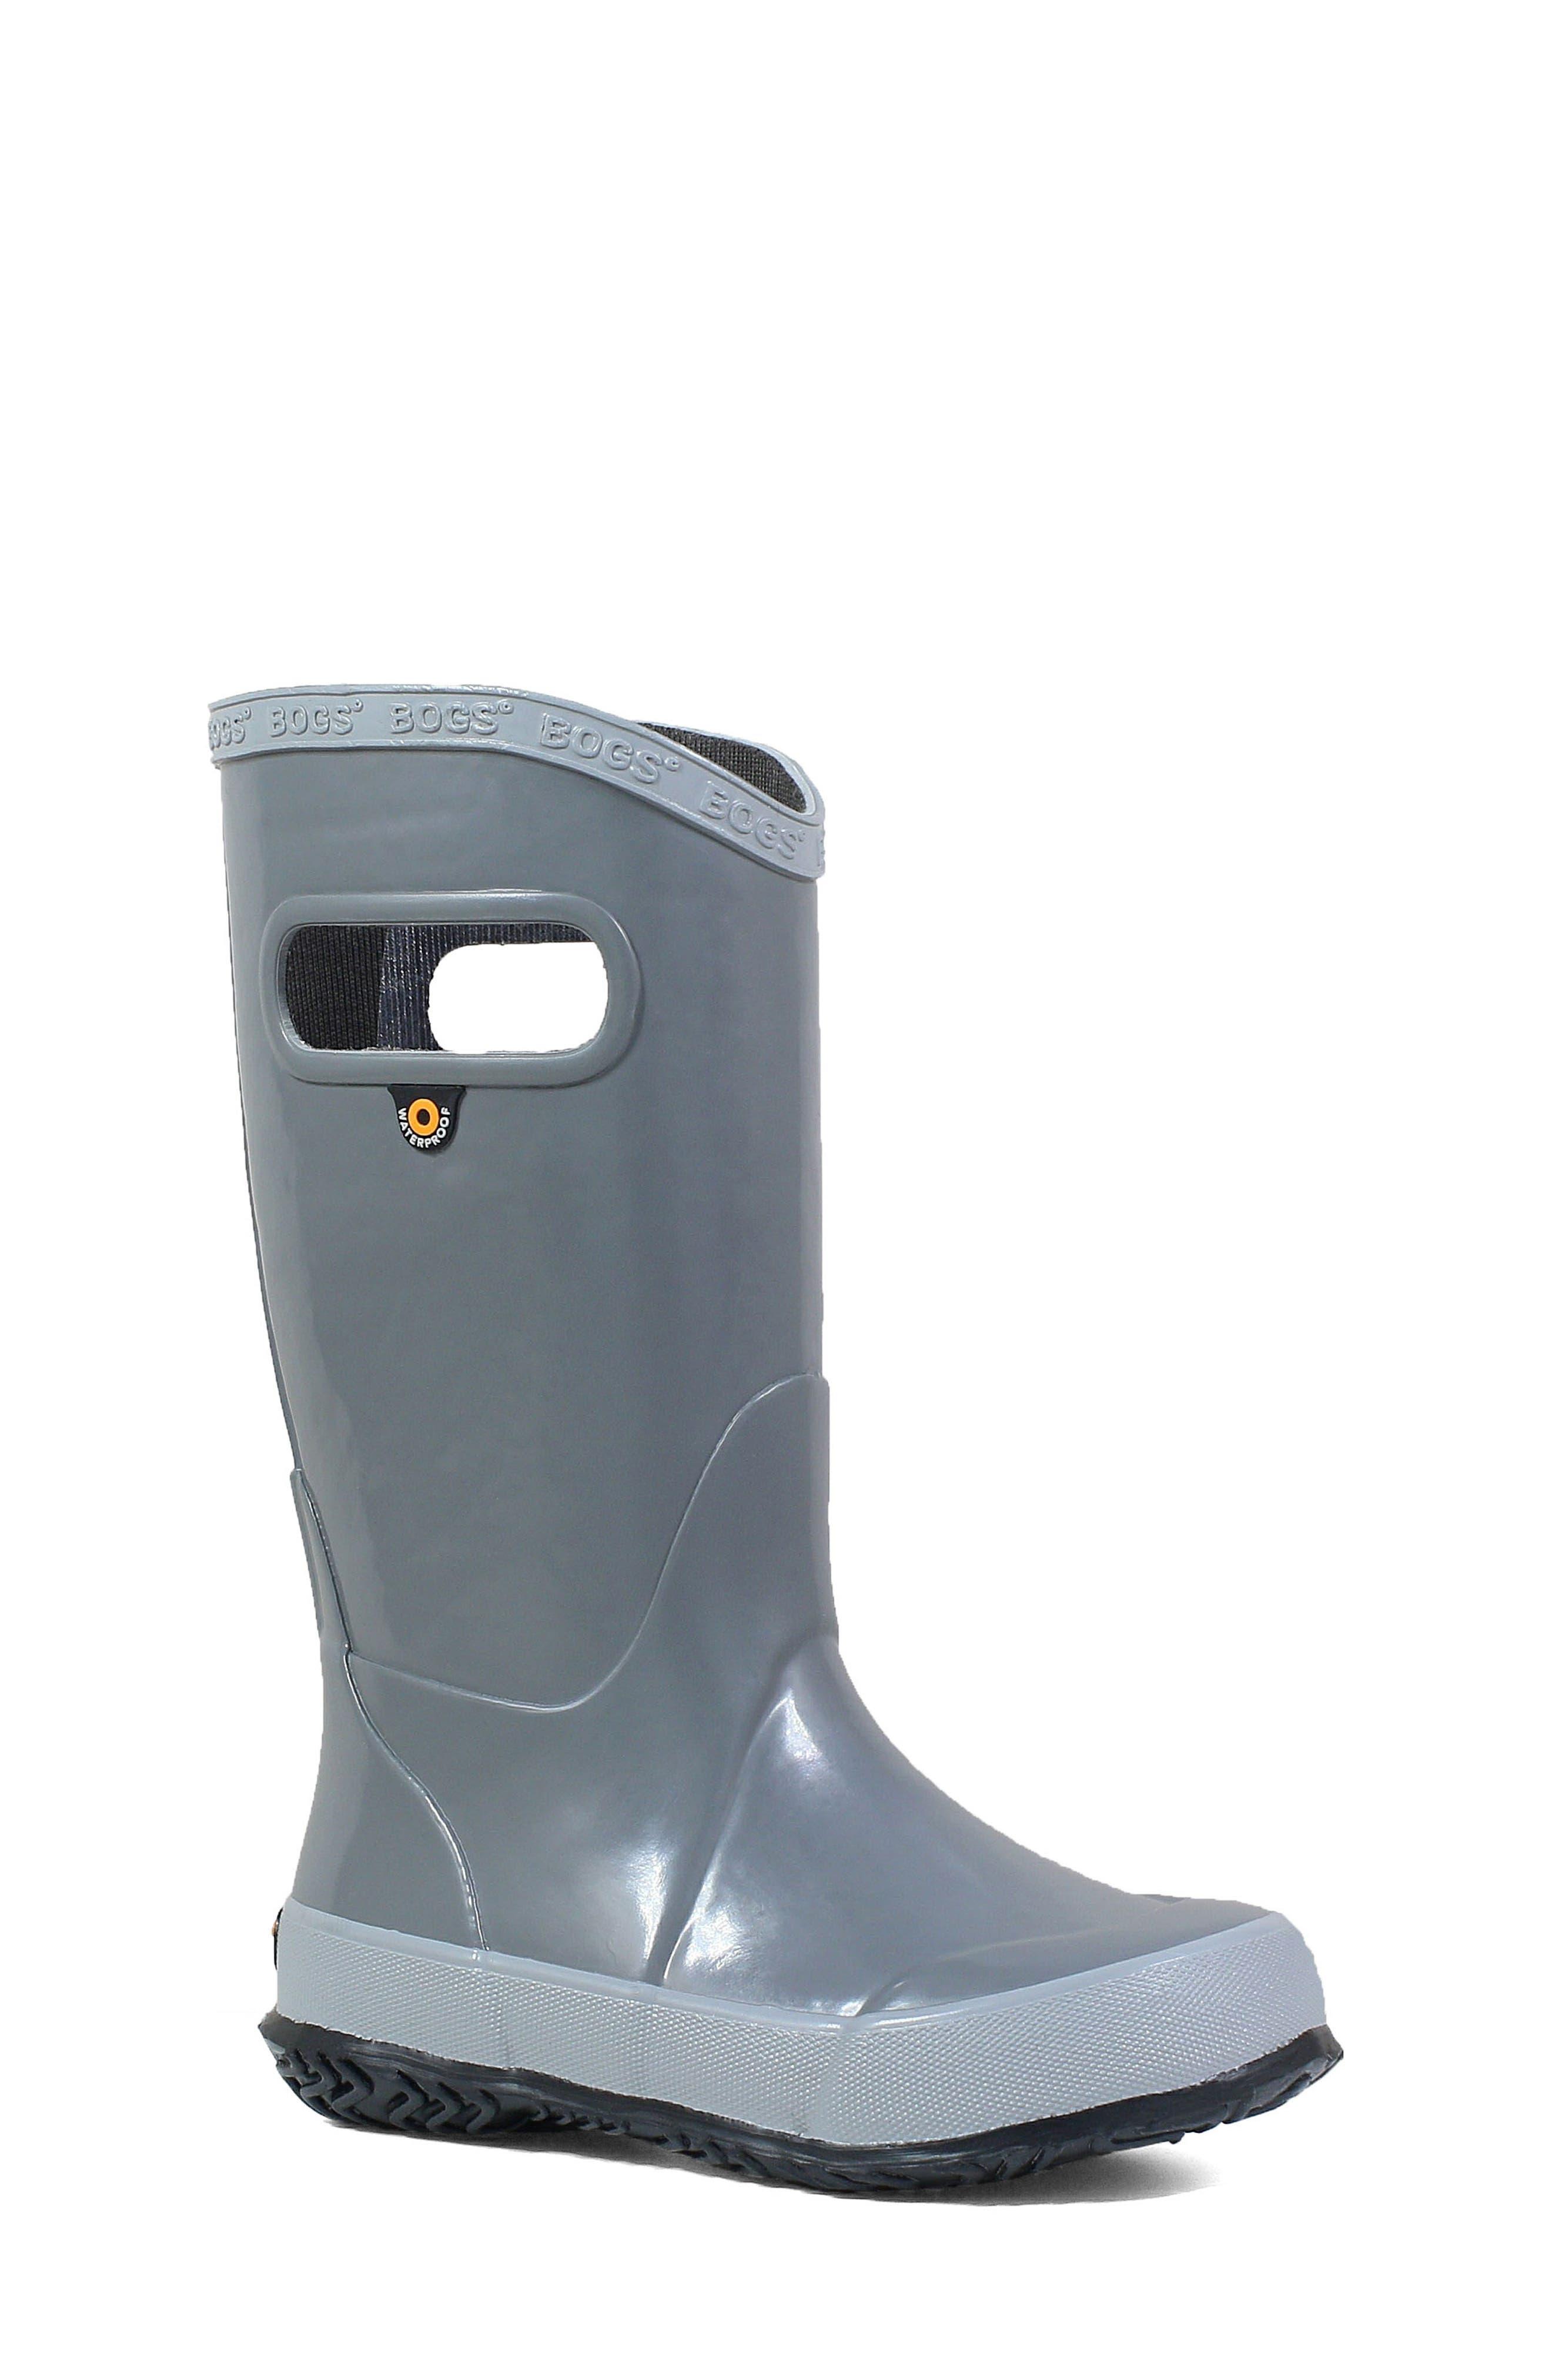 BOGS Waterproof Rain Boot, Main, color, 020